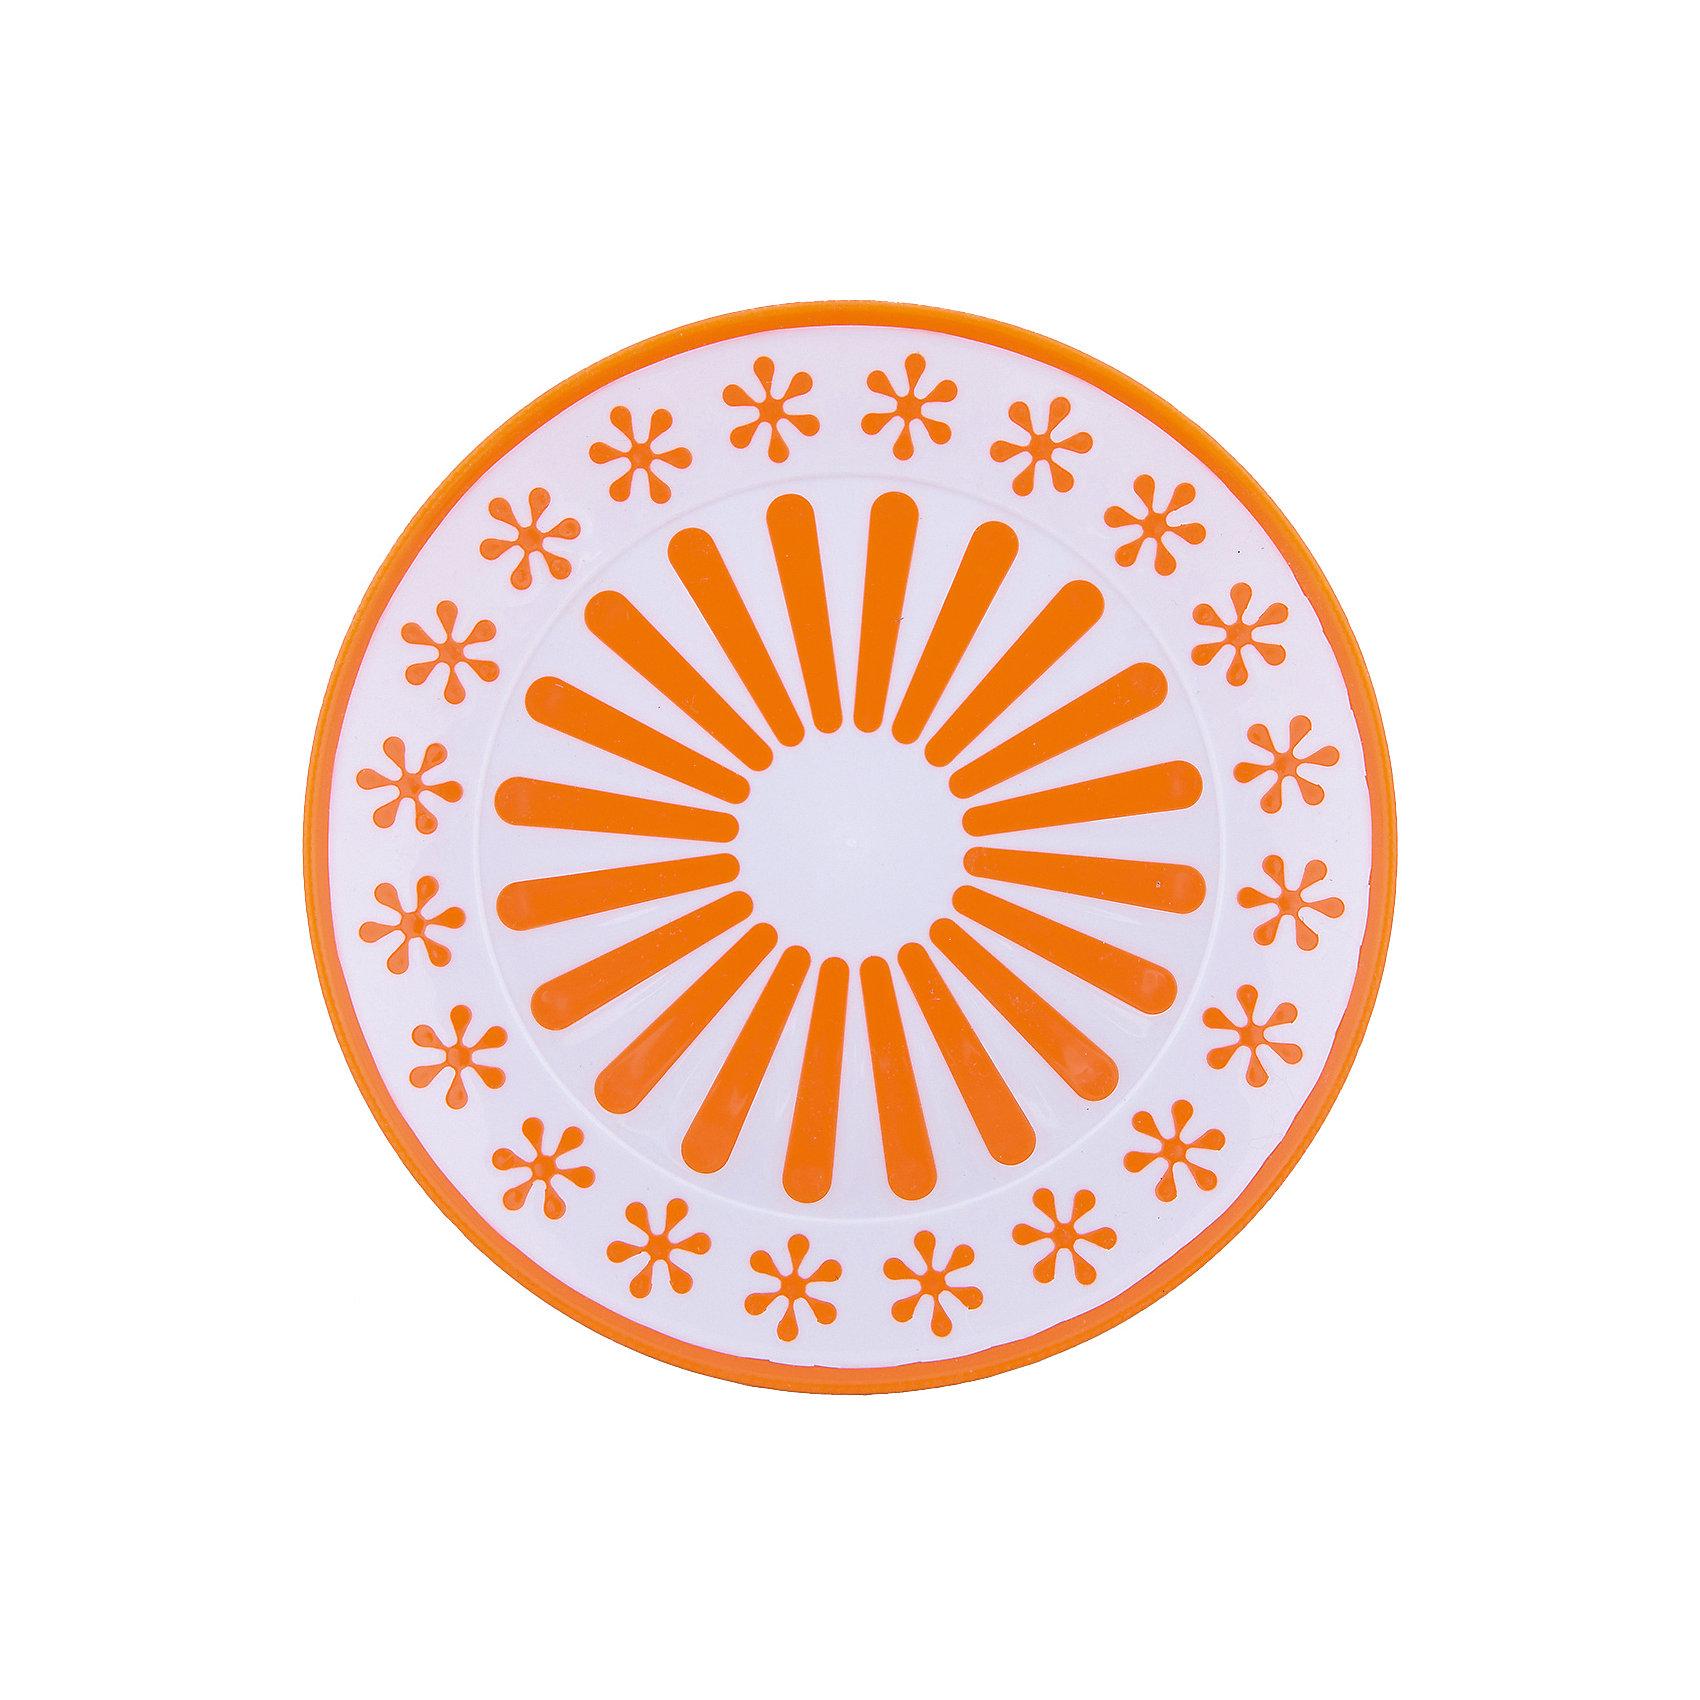 Тарелка Валенсия, Alternativa, оранжевый-белыйПосуда<br>Характеристики:<br><br>• Предназначение: для пищевых продуктов<br>• Материал: пластик<br>• Цвет: оранжевый, белый<br>• Размер (Д*Ш*В):  19*19*20 см<br>• Особенности ухода: разрешается мыть<br><br>Тарелка Валенсия, Alternativa, оранжевый-белый изготовлена отечественным производителем ООО ЗПИ Альтернатива, который специализируется на выпуске широкого спектра изделий и предметов мебели из пластика. Тарелка выполнена из экологически безопасного пищевого пластика, устойчивого к механическим повреждениям и изменению цвета. Ее можно использовать для холодных пищевых продуктов, в качестве вазы для фруктов или кондитерских изделий.Тарелка выполнена в ярком дизайне. Изделие имеет компактный размер и легкий вес, поэтому его удобно брать с собой на природу и дачу. <br><br>Тарелку Валенсия, Alternativa, оранжевый-белый можно купить в нашем интернет-магазине.<br><br>Ширина мм: 190<br>Глубина мм: 190<br>Высота мм: 2<br>Вес г: 74<br>Возраст от месяцев: 36<br>Возраст до месяцев: 84<br>Пол: Унисекс<br>Возраст: Детский<br>SKU: 5096702